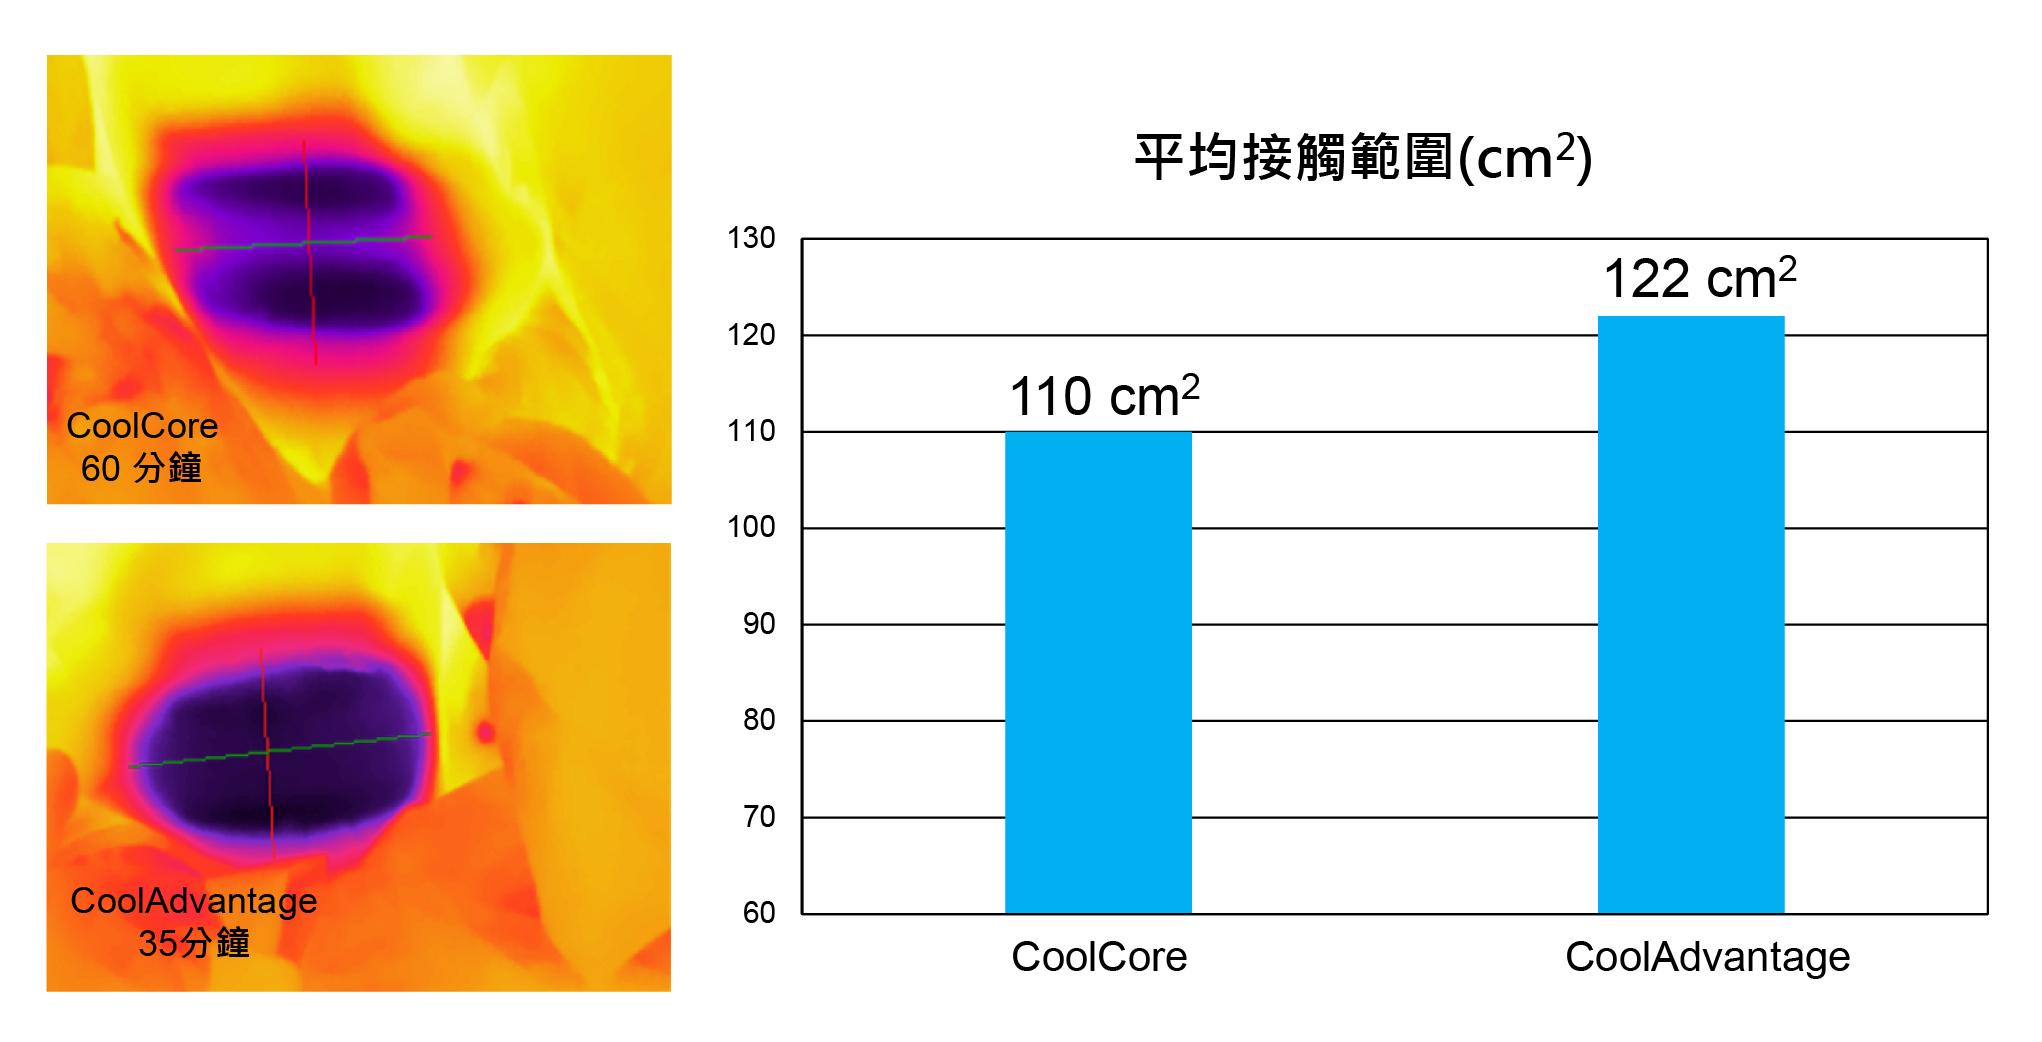 透過(左)熱感應圖可發現,利用CoolAdvantage™治療之部位,整體面積較大,且溫度分布較為平均,有利於整體治療的效果。